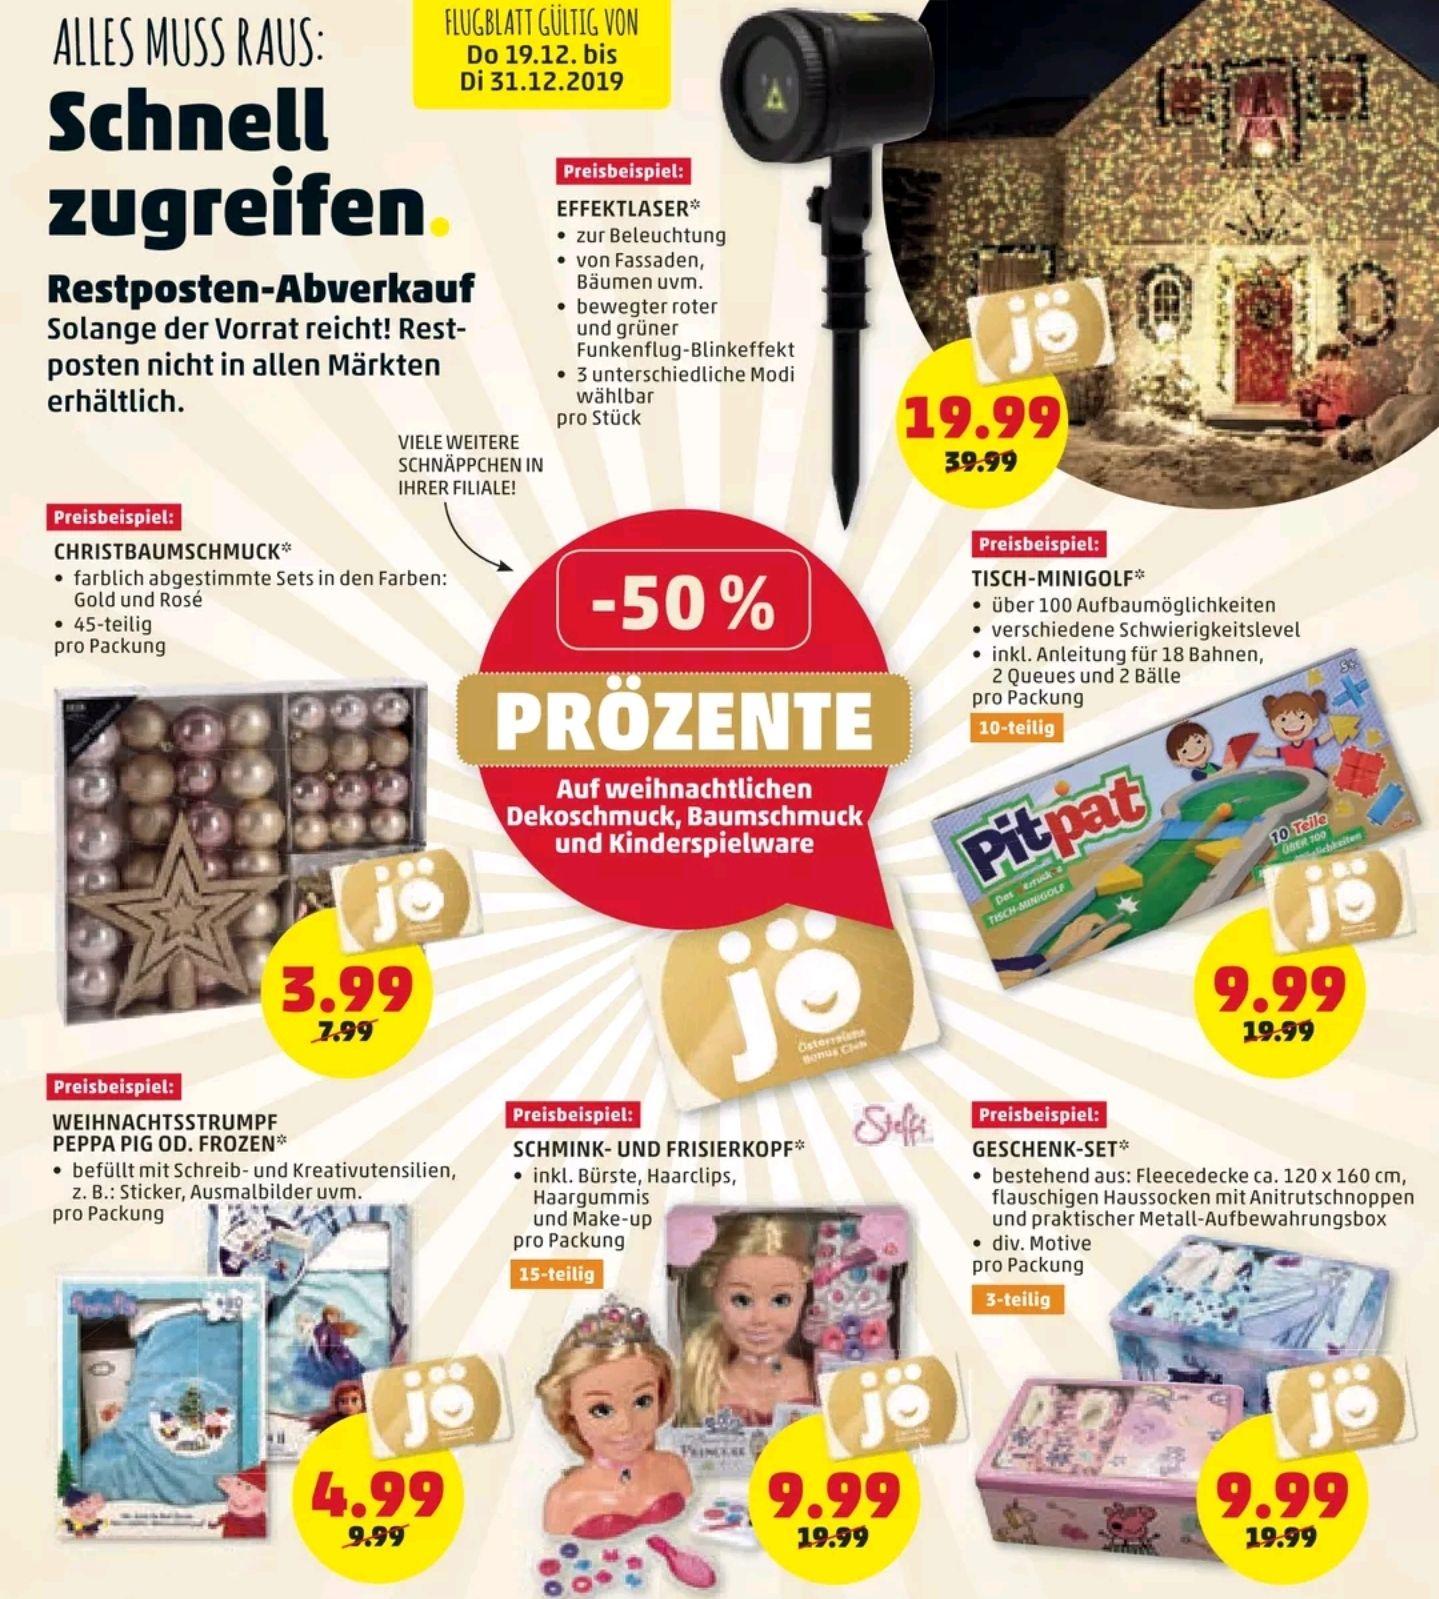 Penny -50% auf weihnachtlichen Dekoschmuck, Baumschmuck und KINDERSPIELWARE